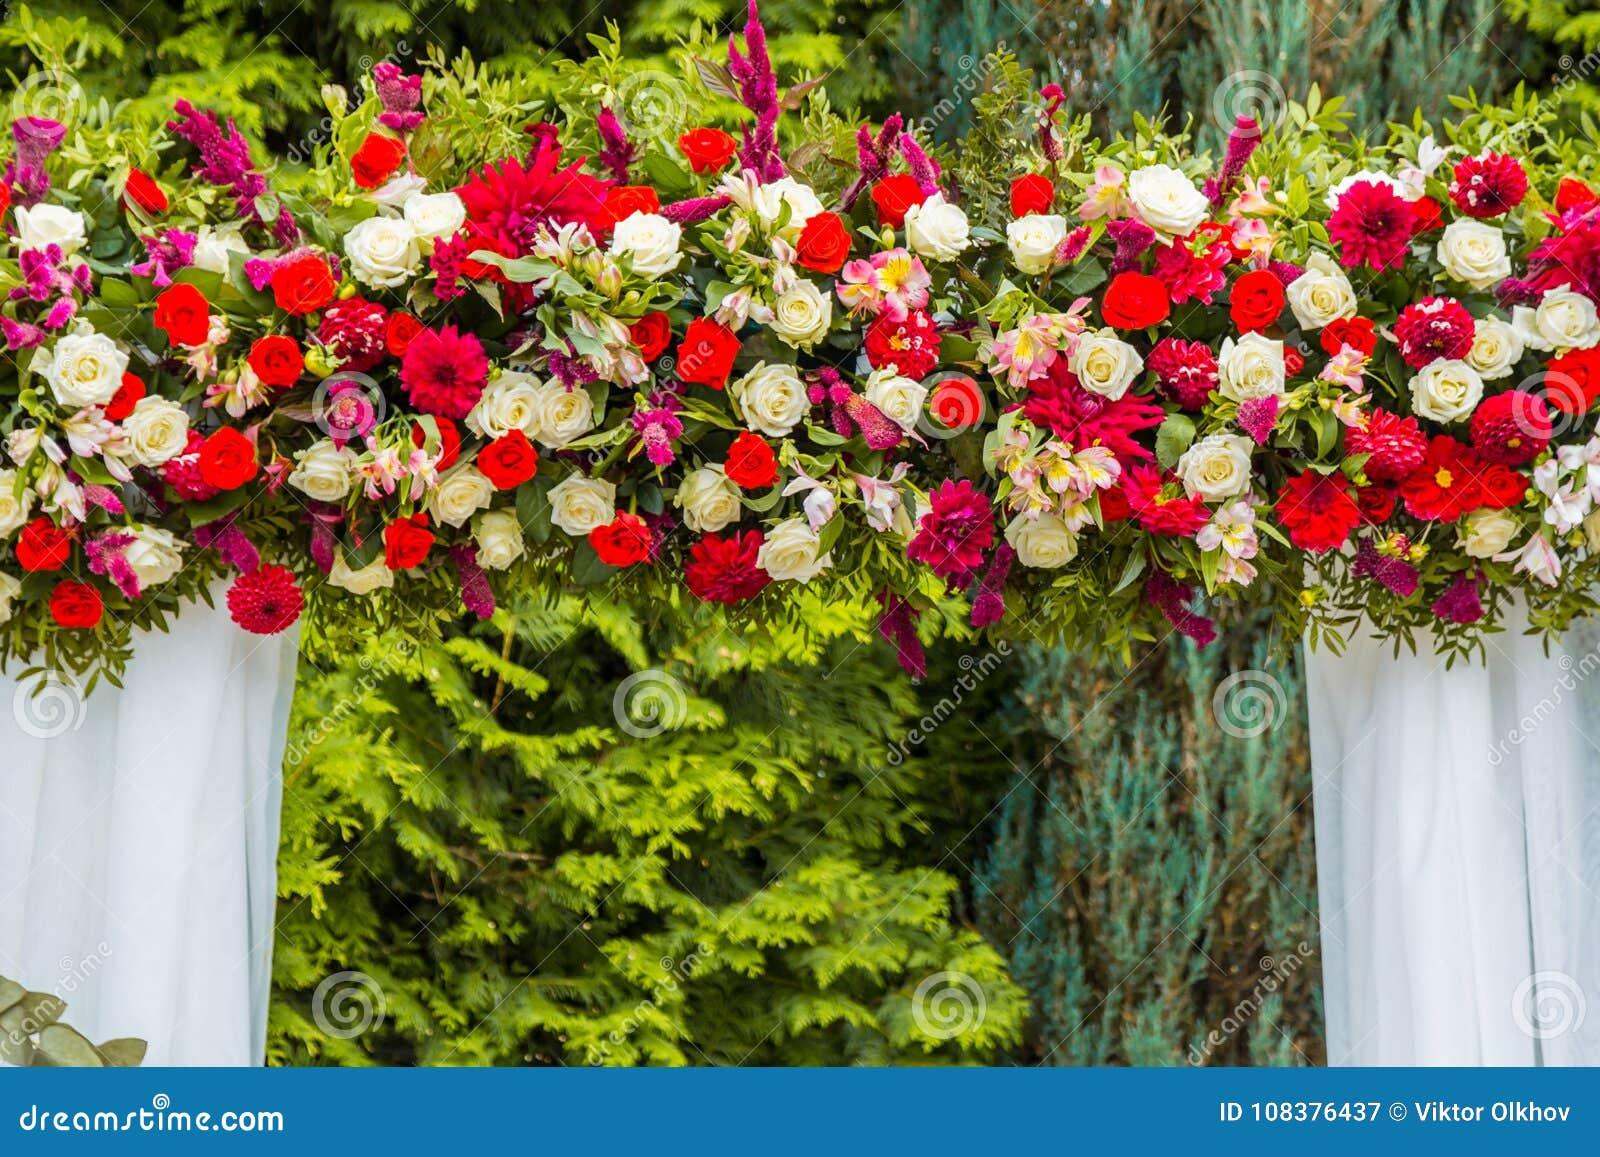 Decoraciones Para La Ceremonia De Boda De Rosas Rojas Y Blancas Imagen De Archivo Imagen De Hermoso Romance 108376437